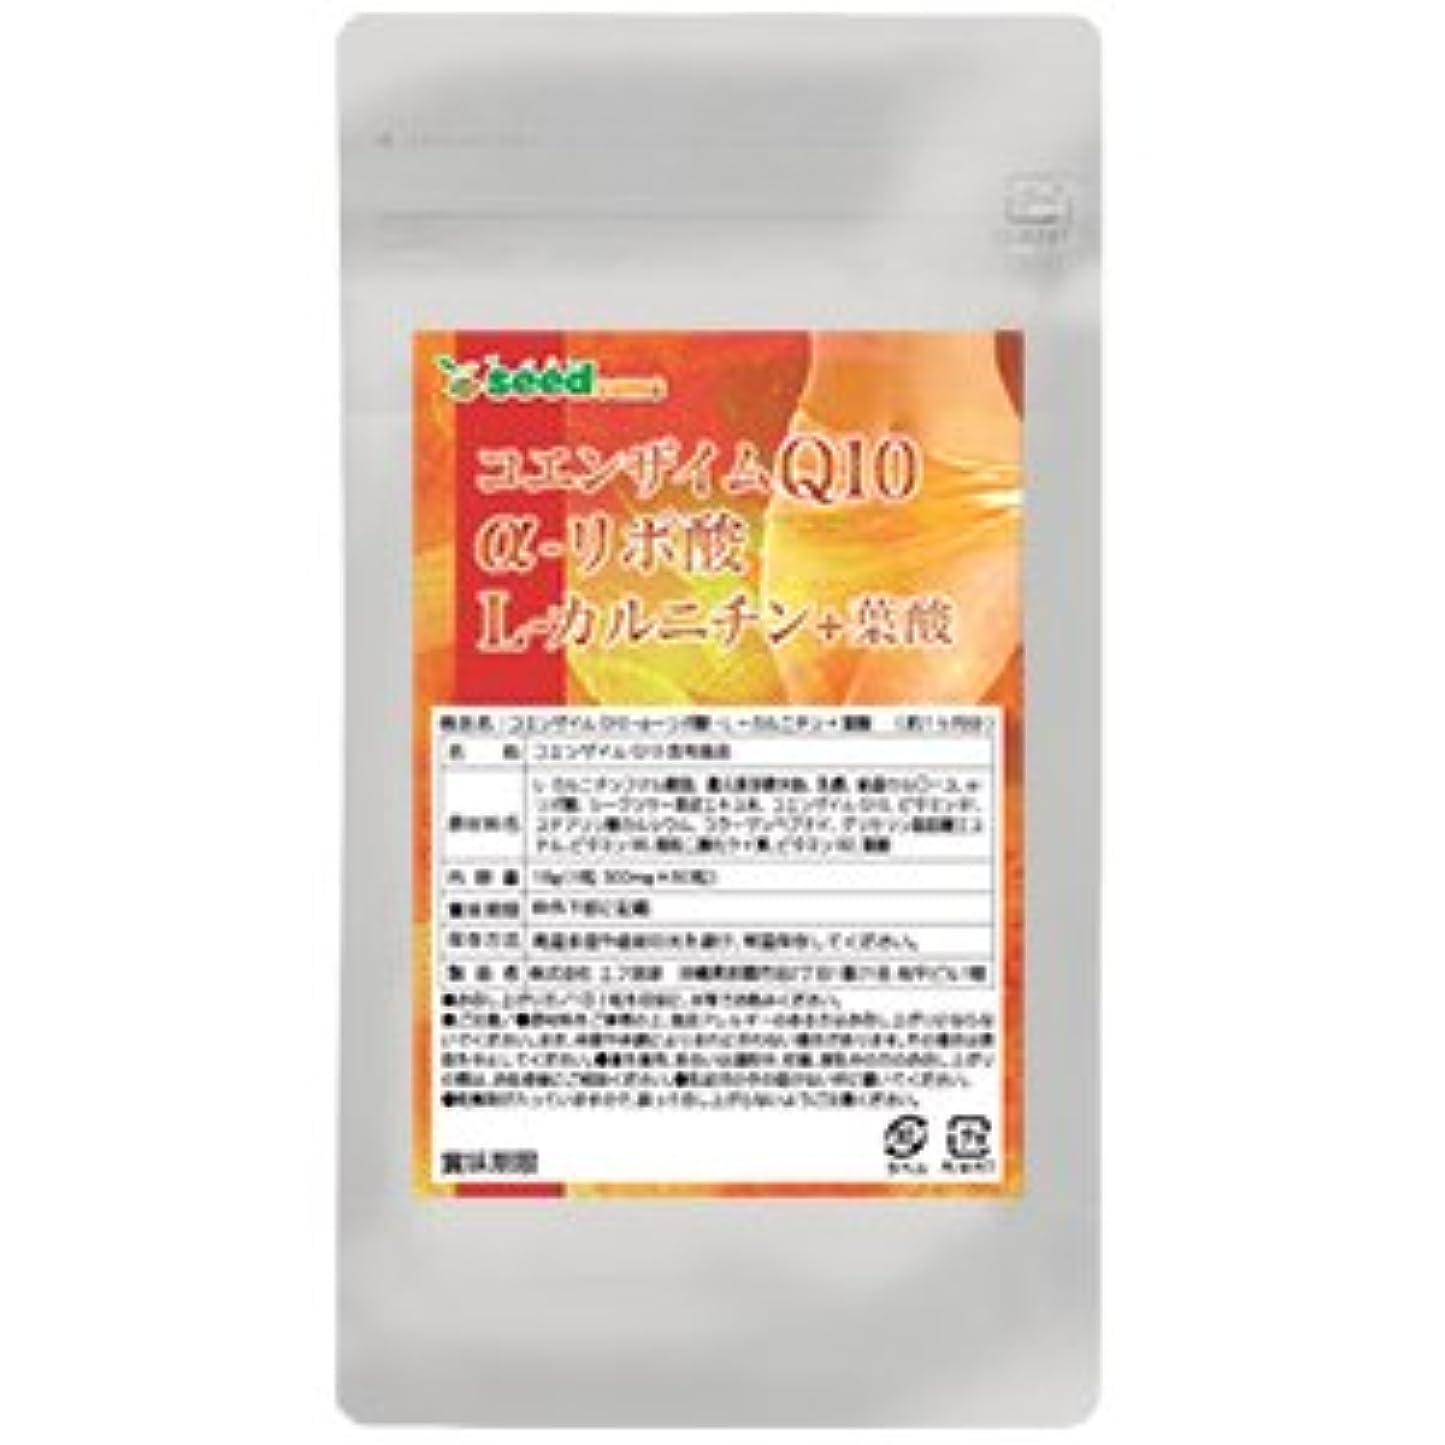 過剰パントリー俳句コエンザイムQ10 α-リポ酸 L-カルニチン + 葉酸 (約3ヶ月分/180粒) シークワーサーエキス配合